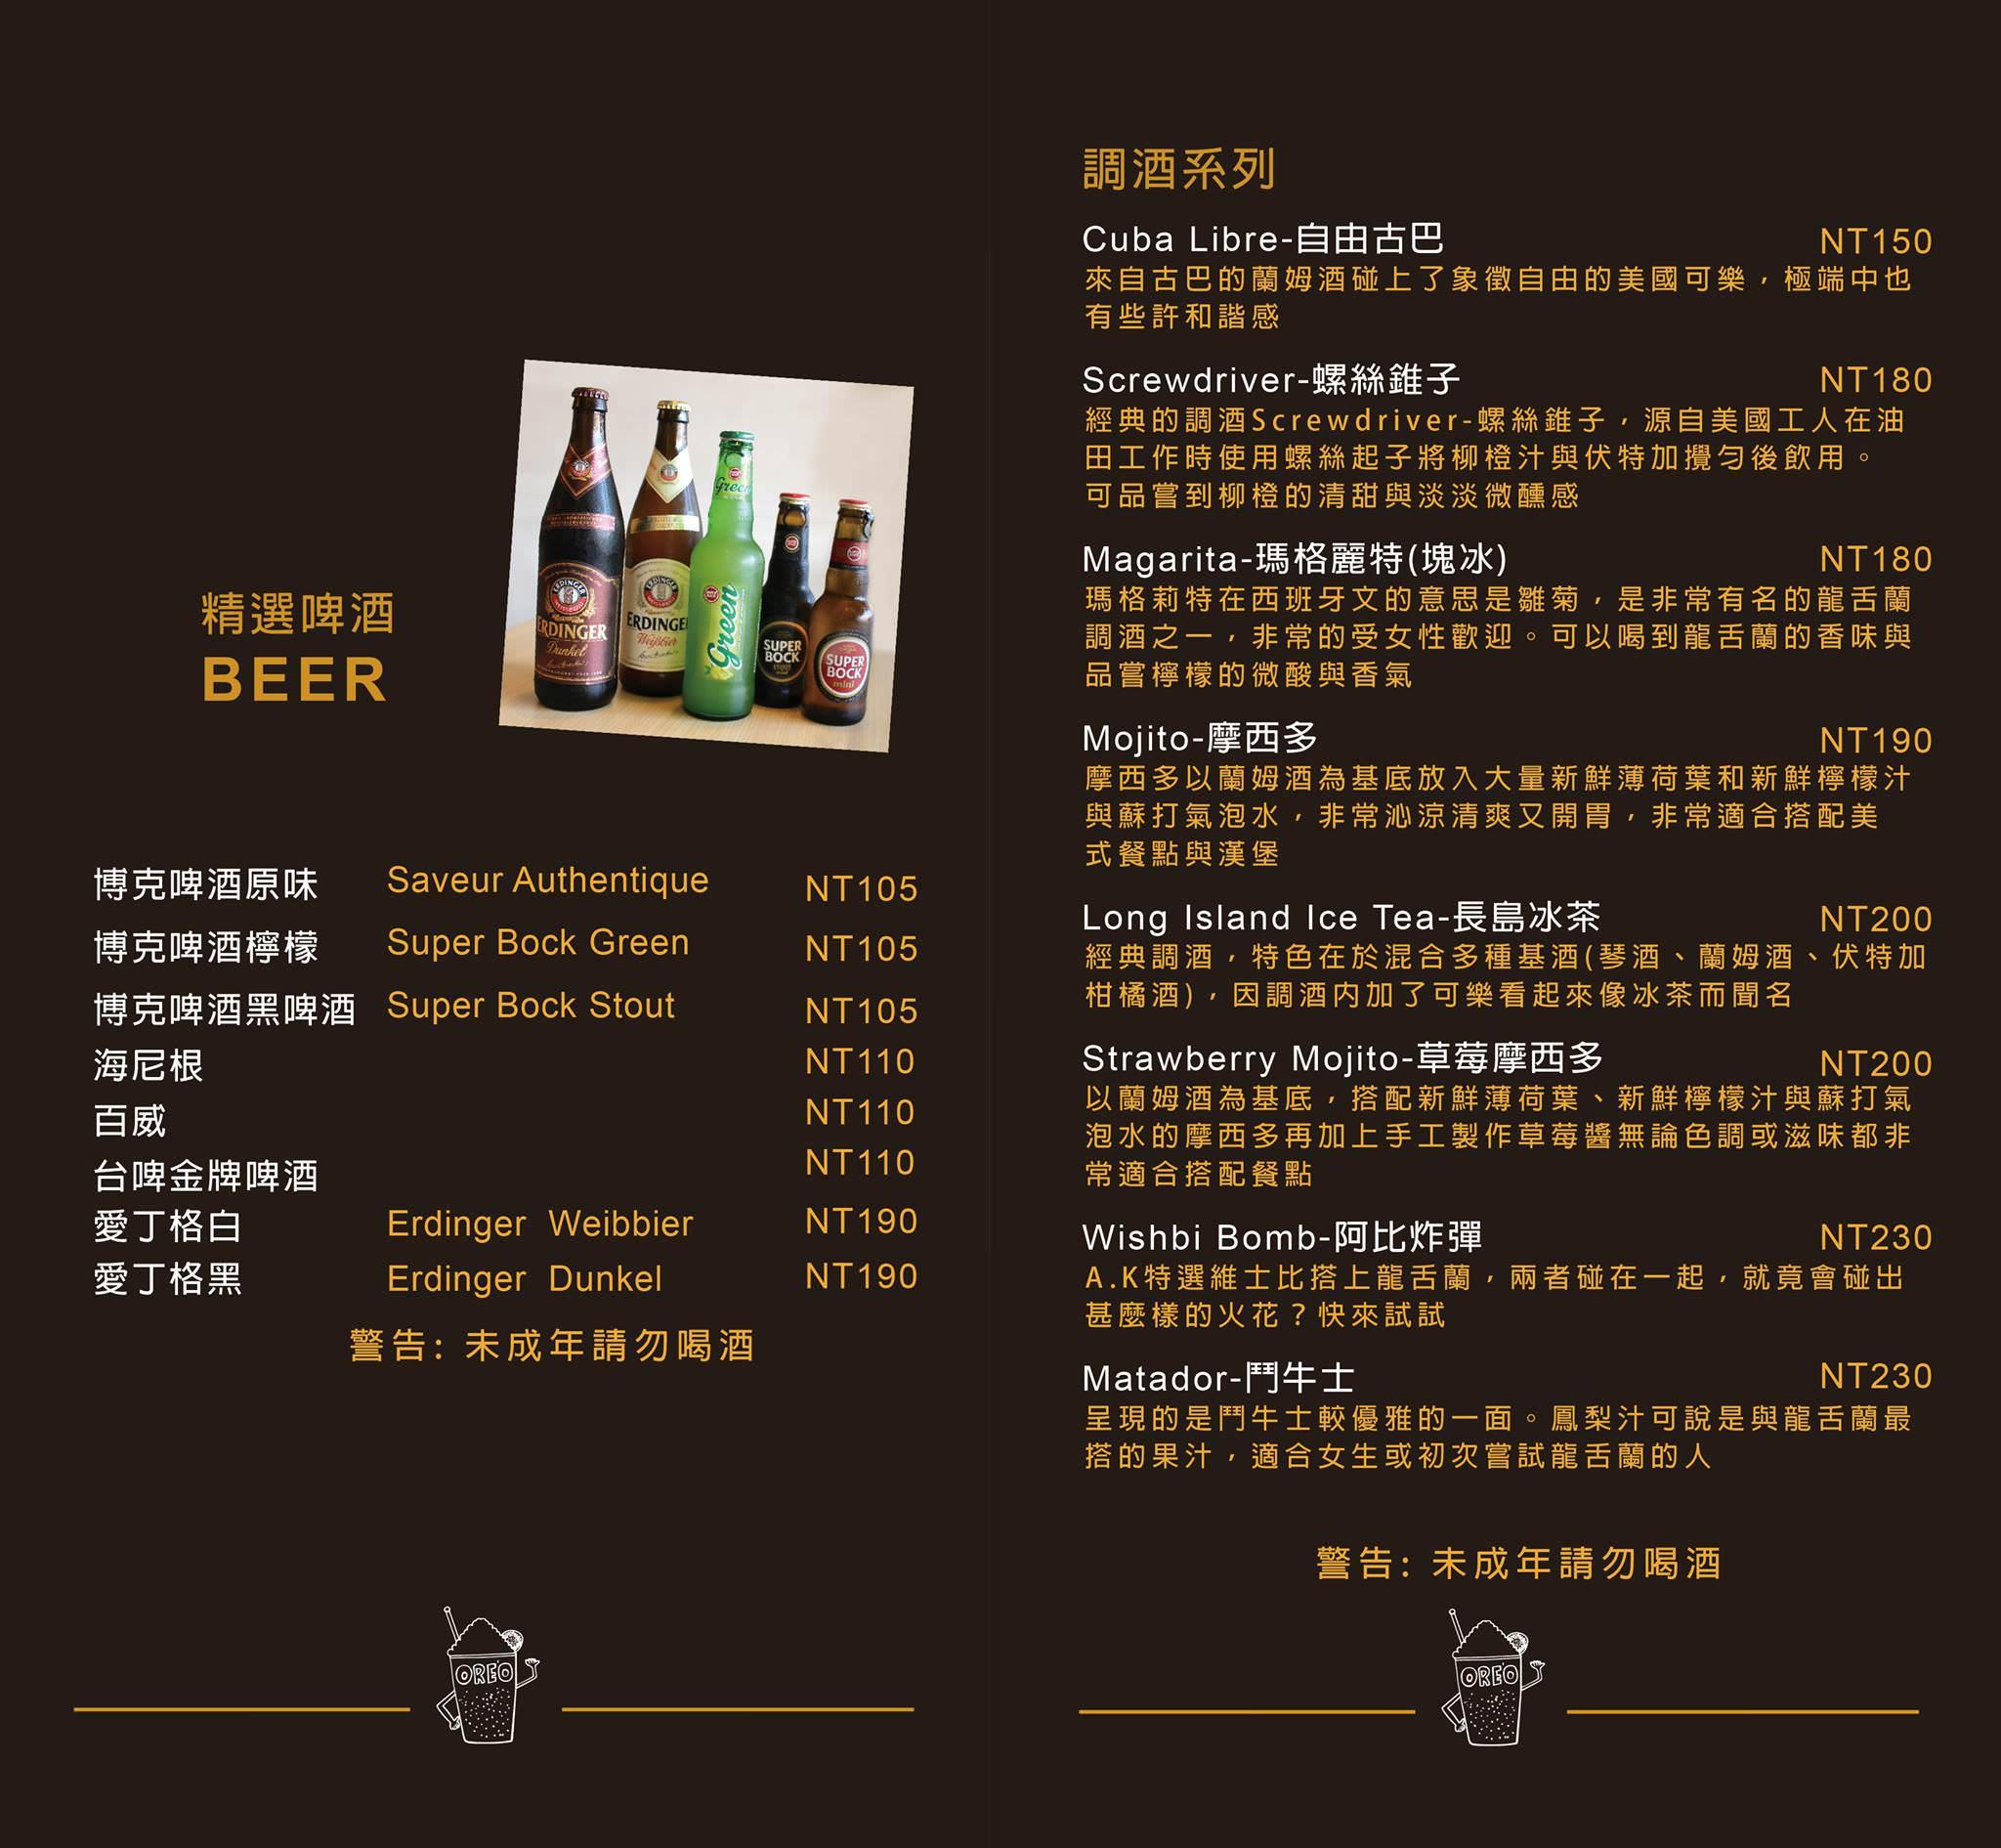 餐廳台北,餐廳推薦,AK12,AK12美式小館,台北捷運,捷運美食,西門美食,西門町 餐廳,美式餐廳,巴克斯,調酒-61